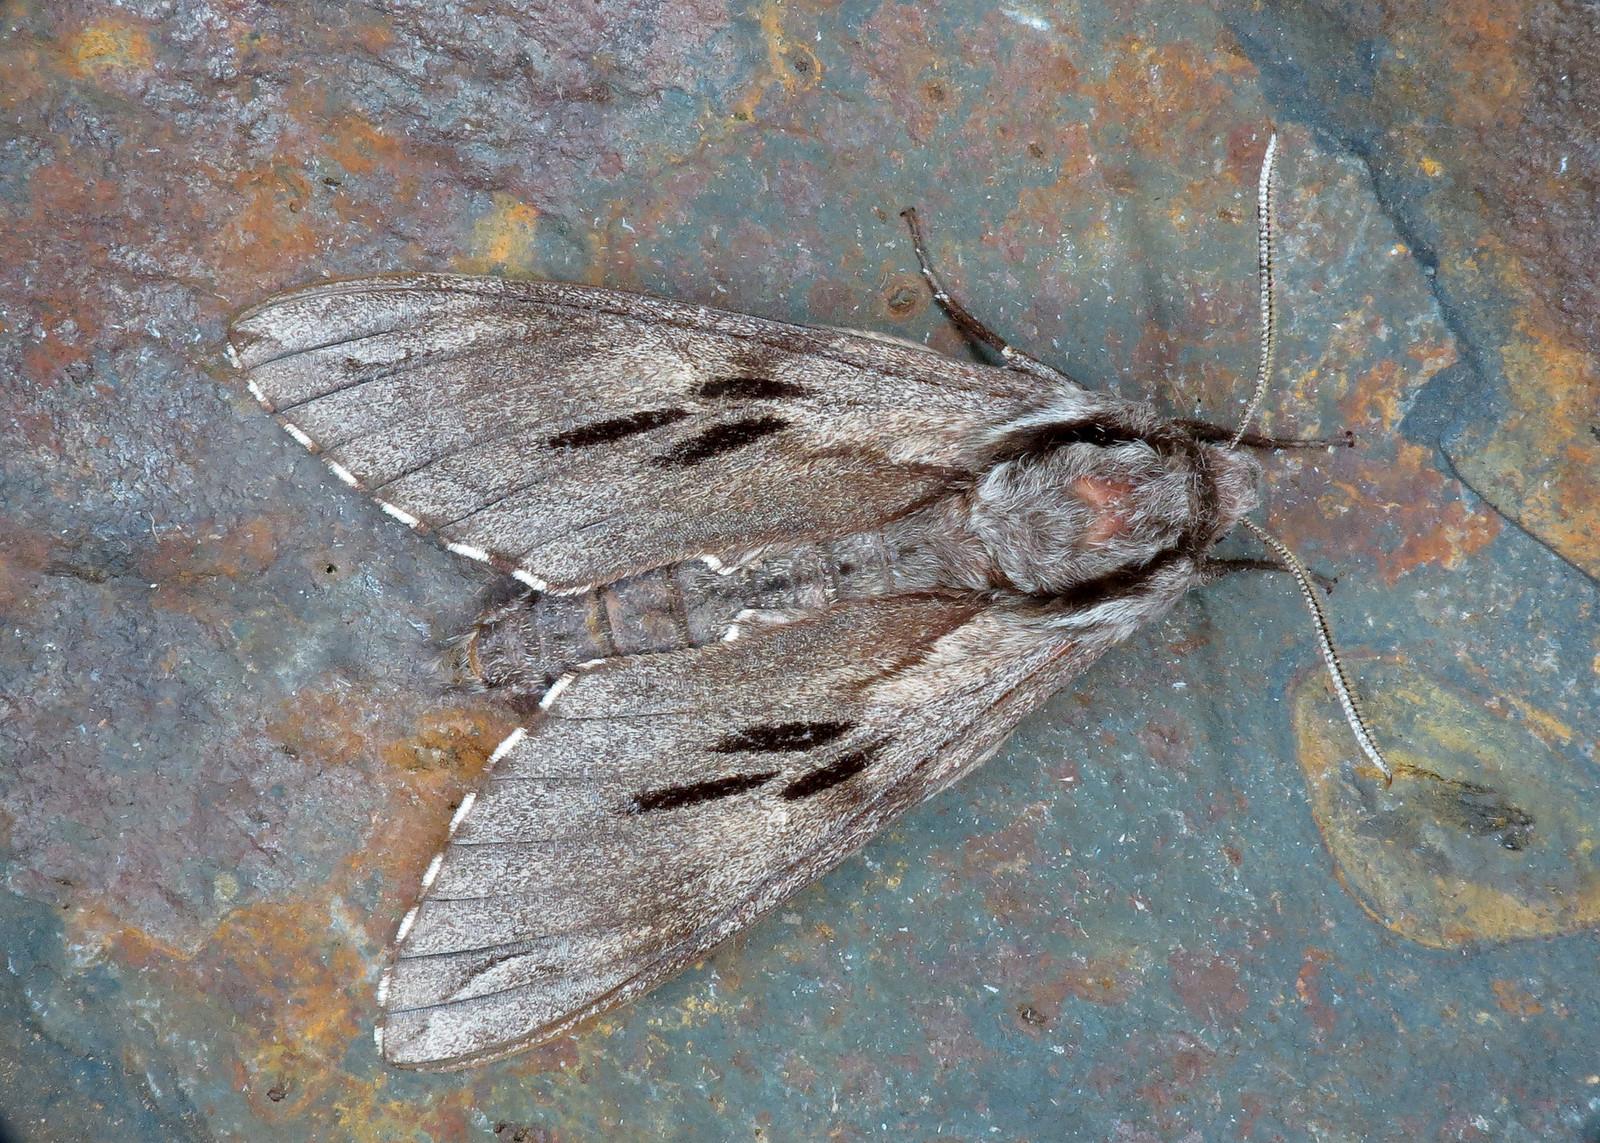 1978 Pine Hawk-moth - Sphinx pinastri